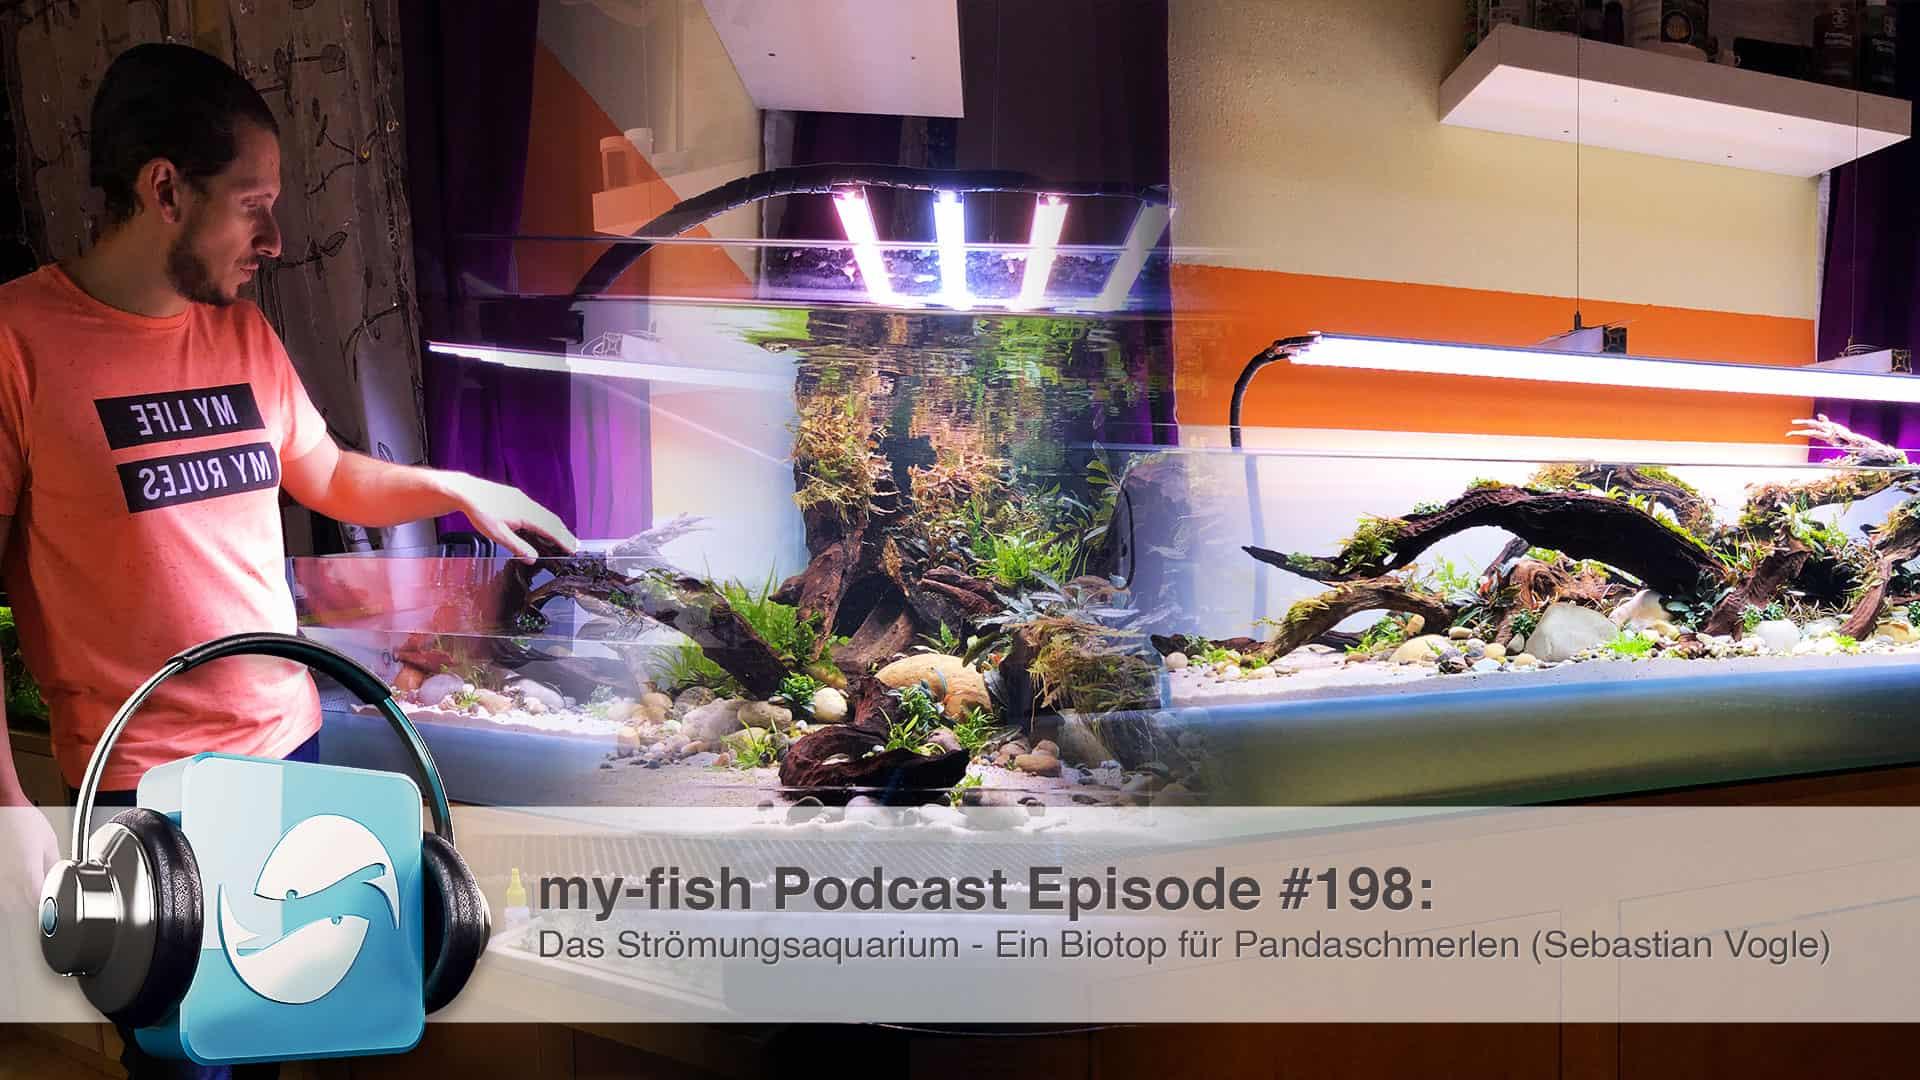 Podcast Episode #198: Das Strömungsaquarium - Ein Biotop für Pandaschmerlen (Sebastian Vogel) 1